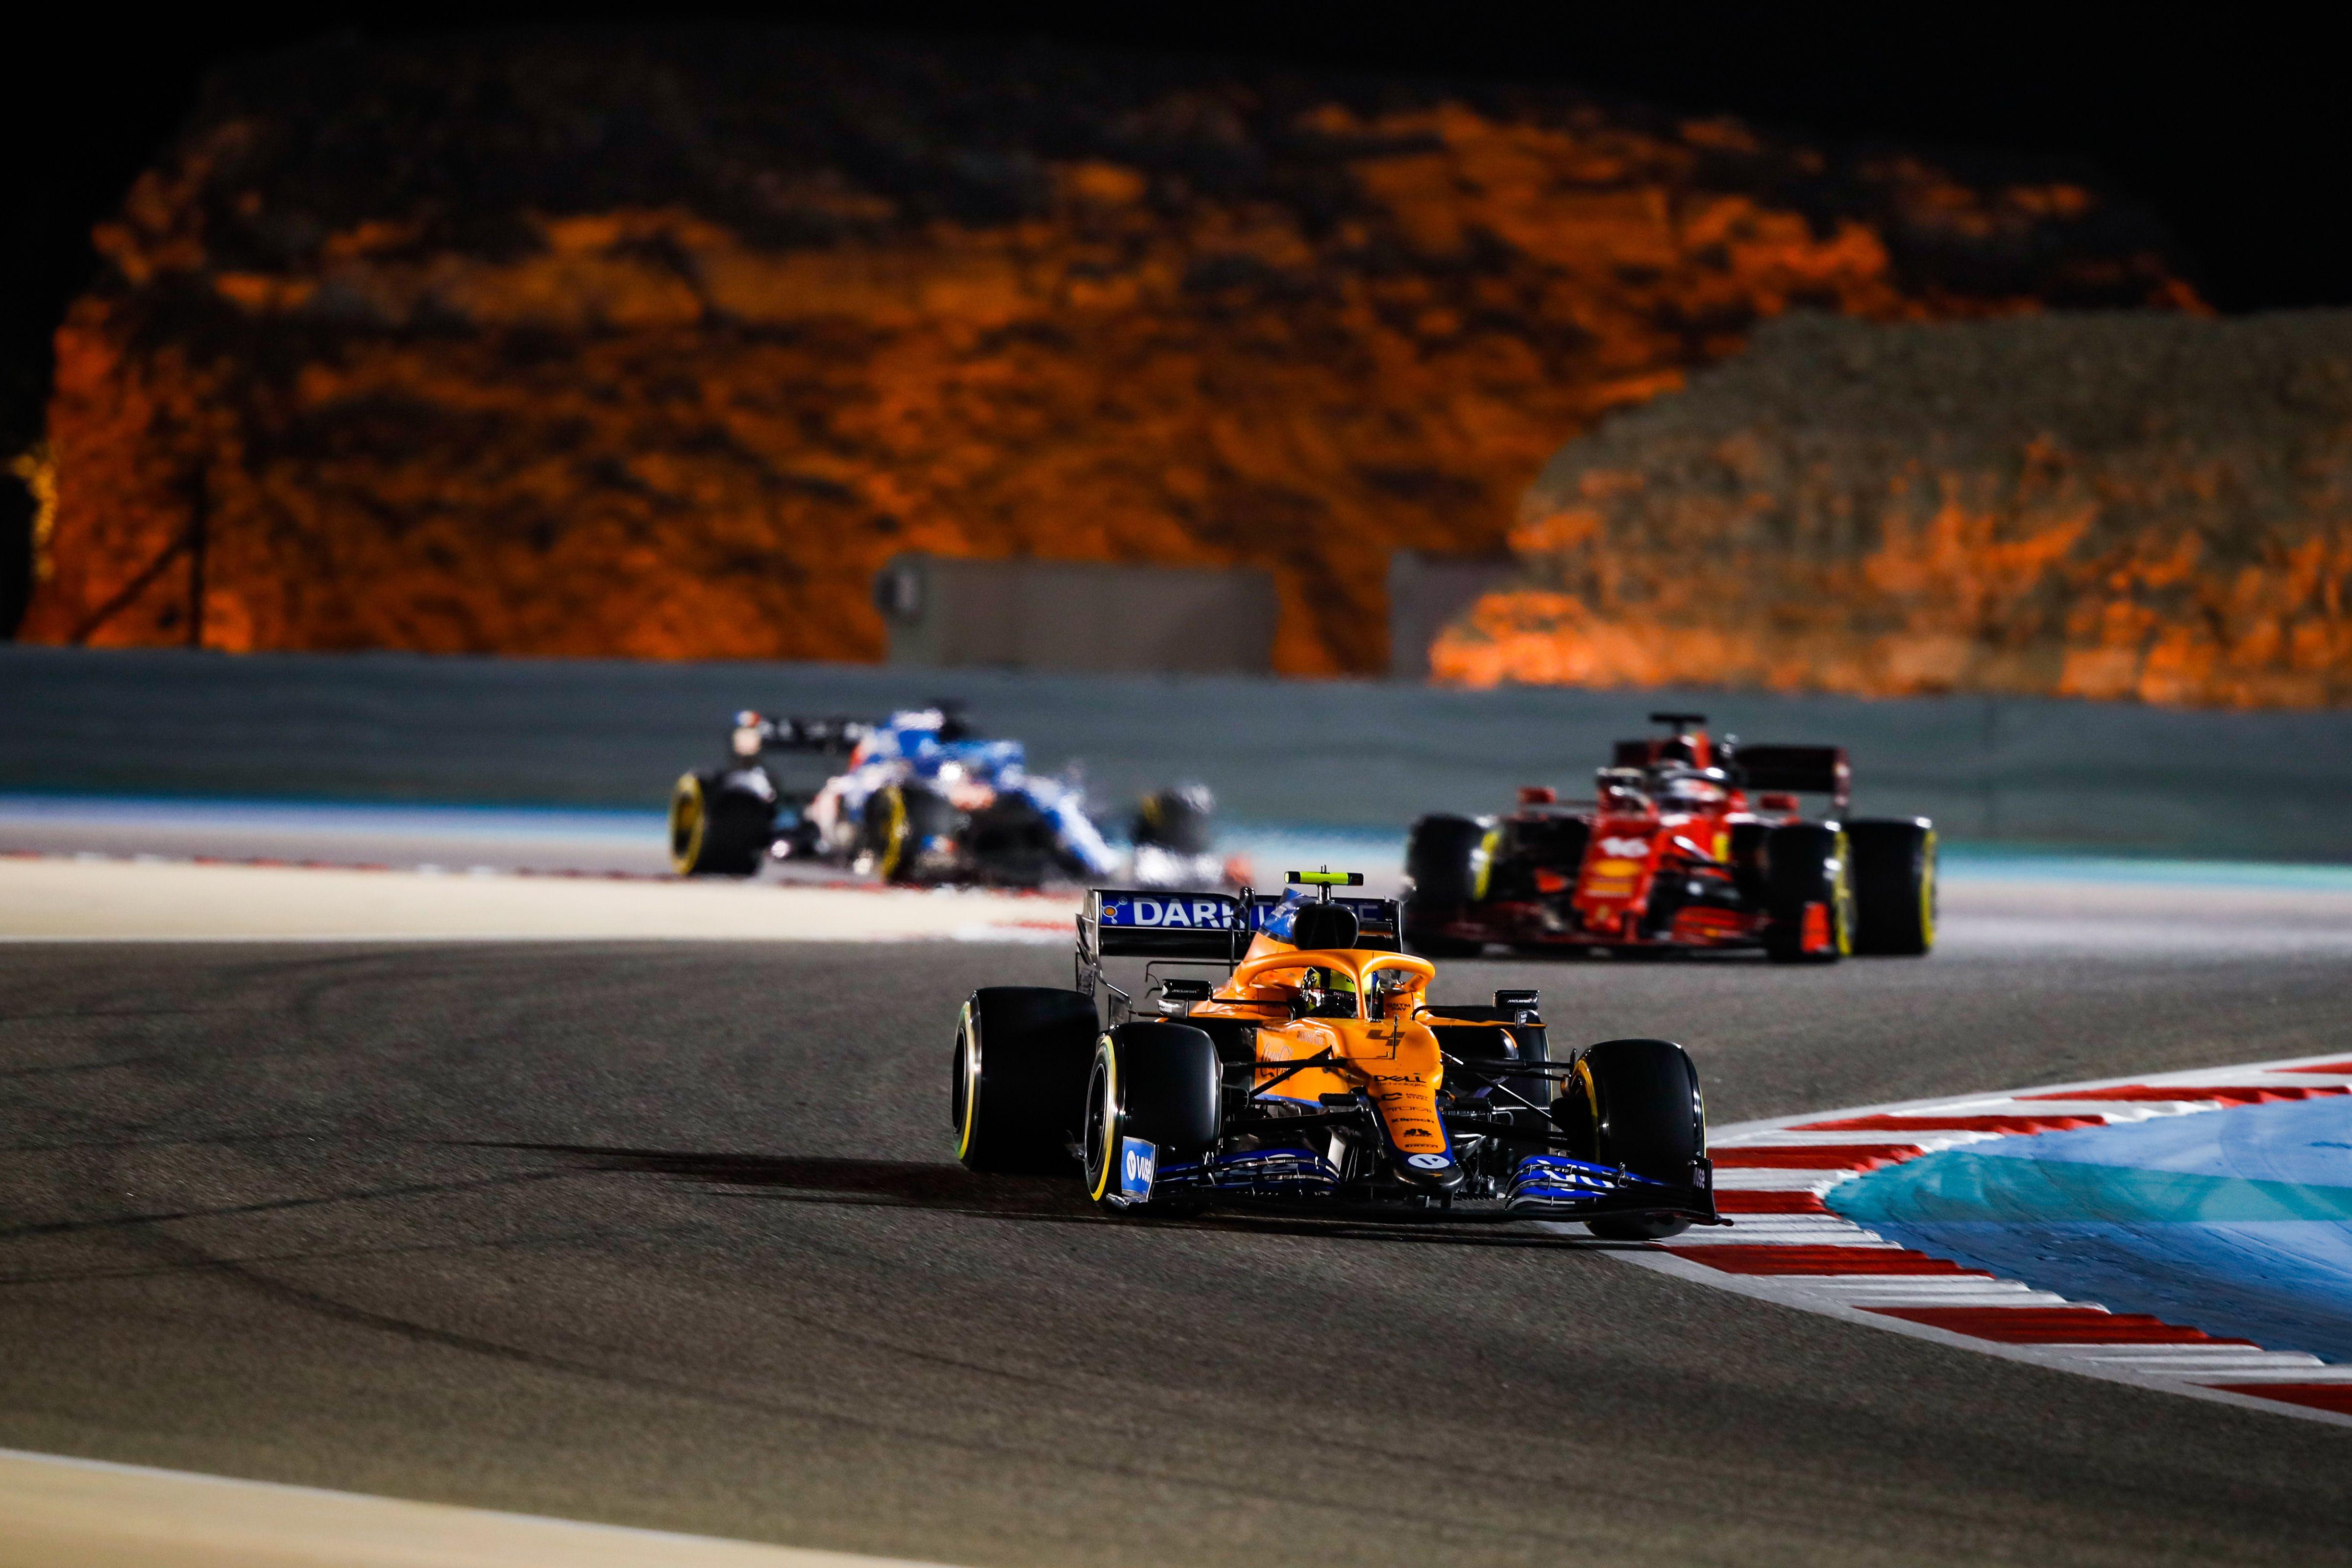 СМИ: В Формуле-1 появится команда из Саудовской Аравии